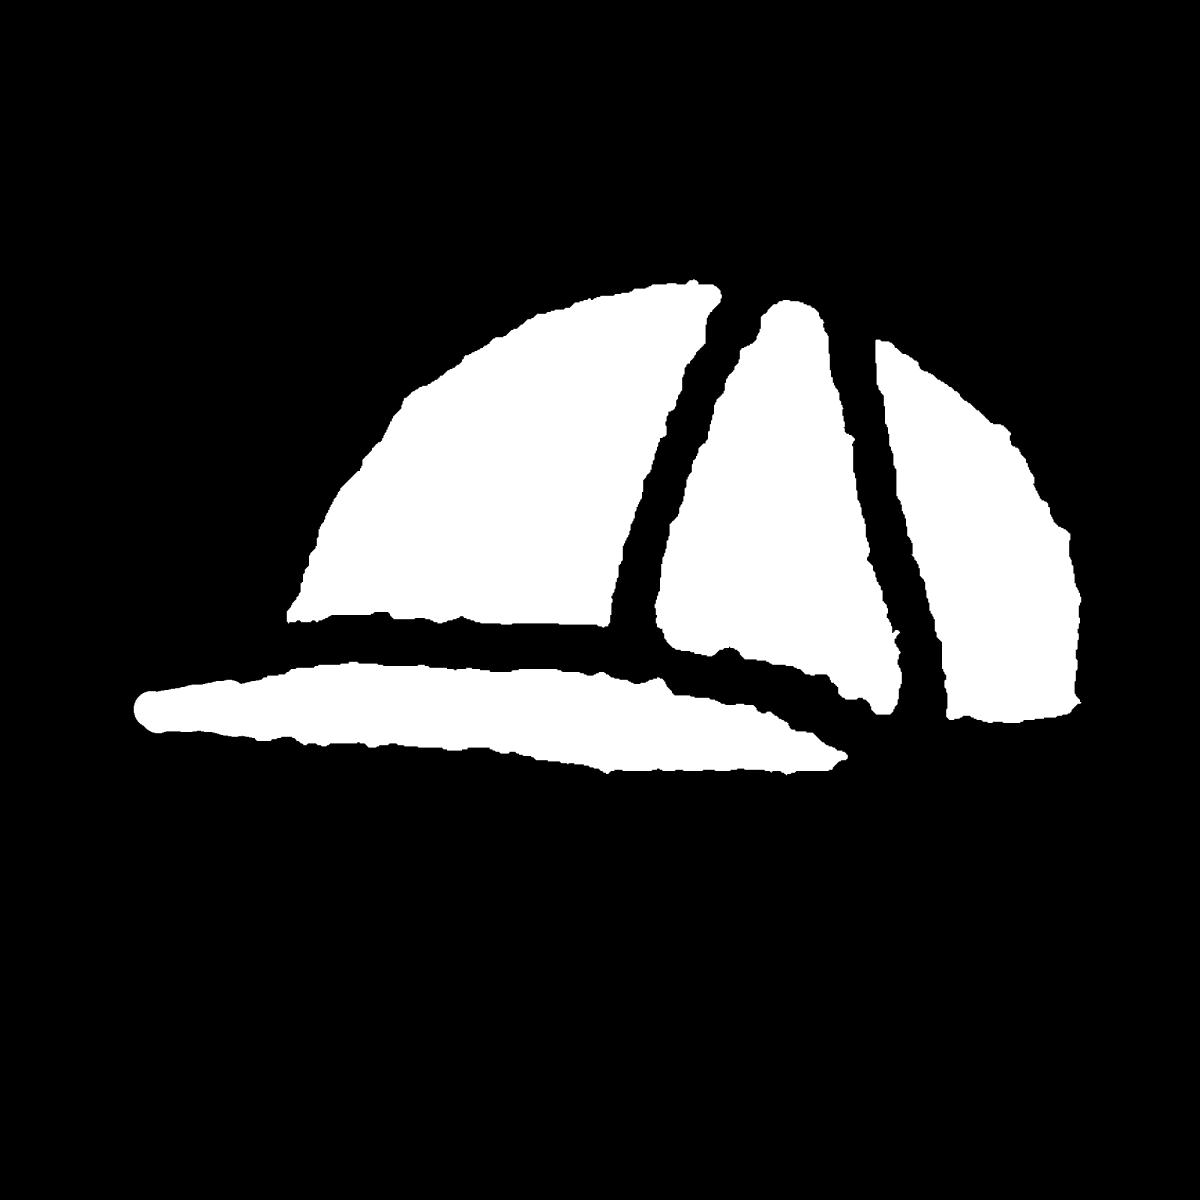 帽子(キャップ)のイラスト / Hat (cap) Illustration